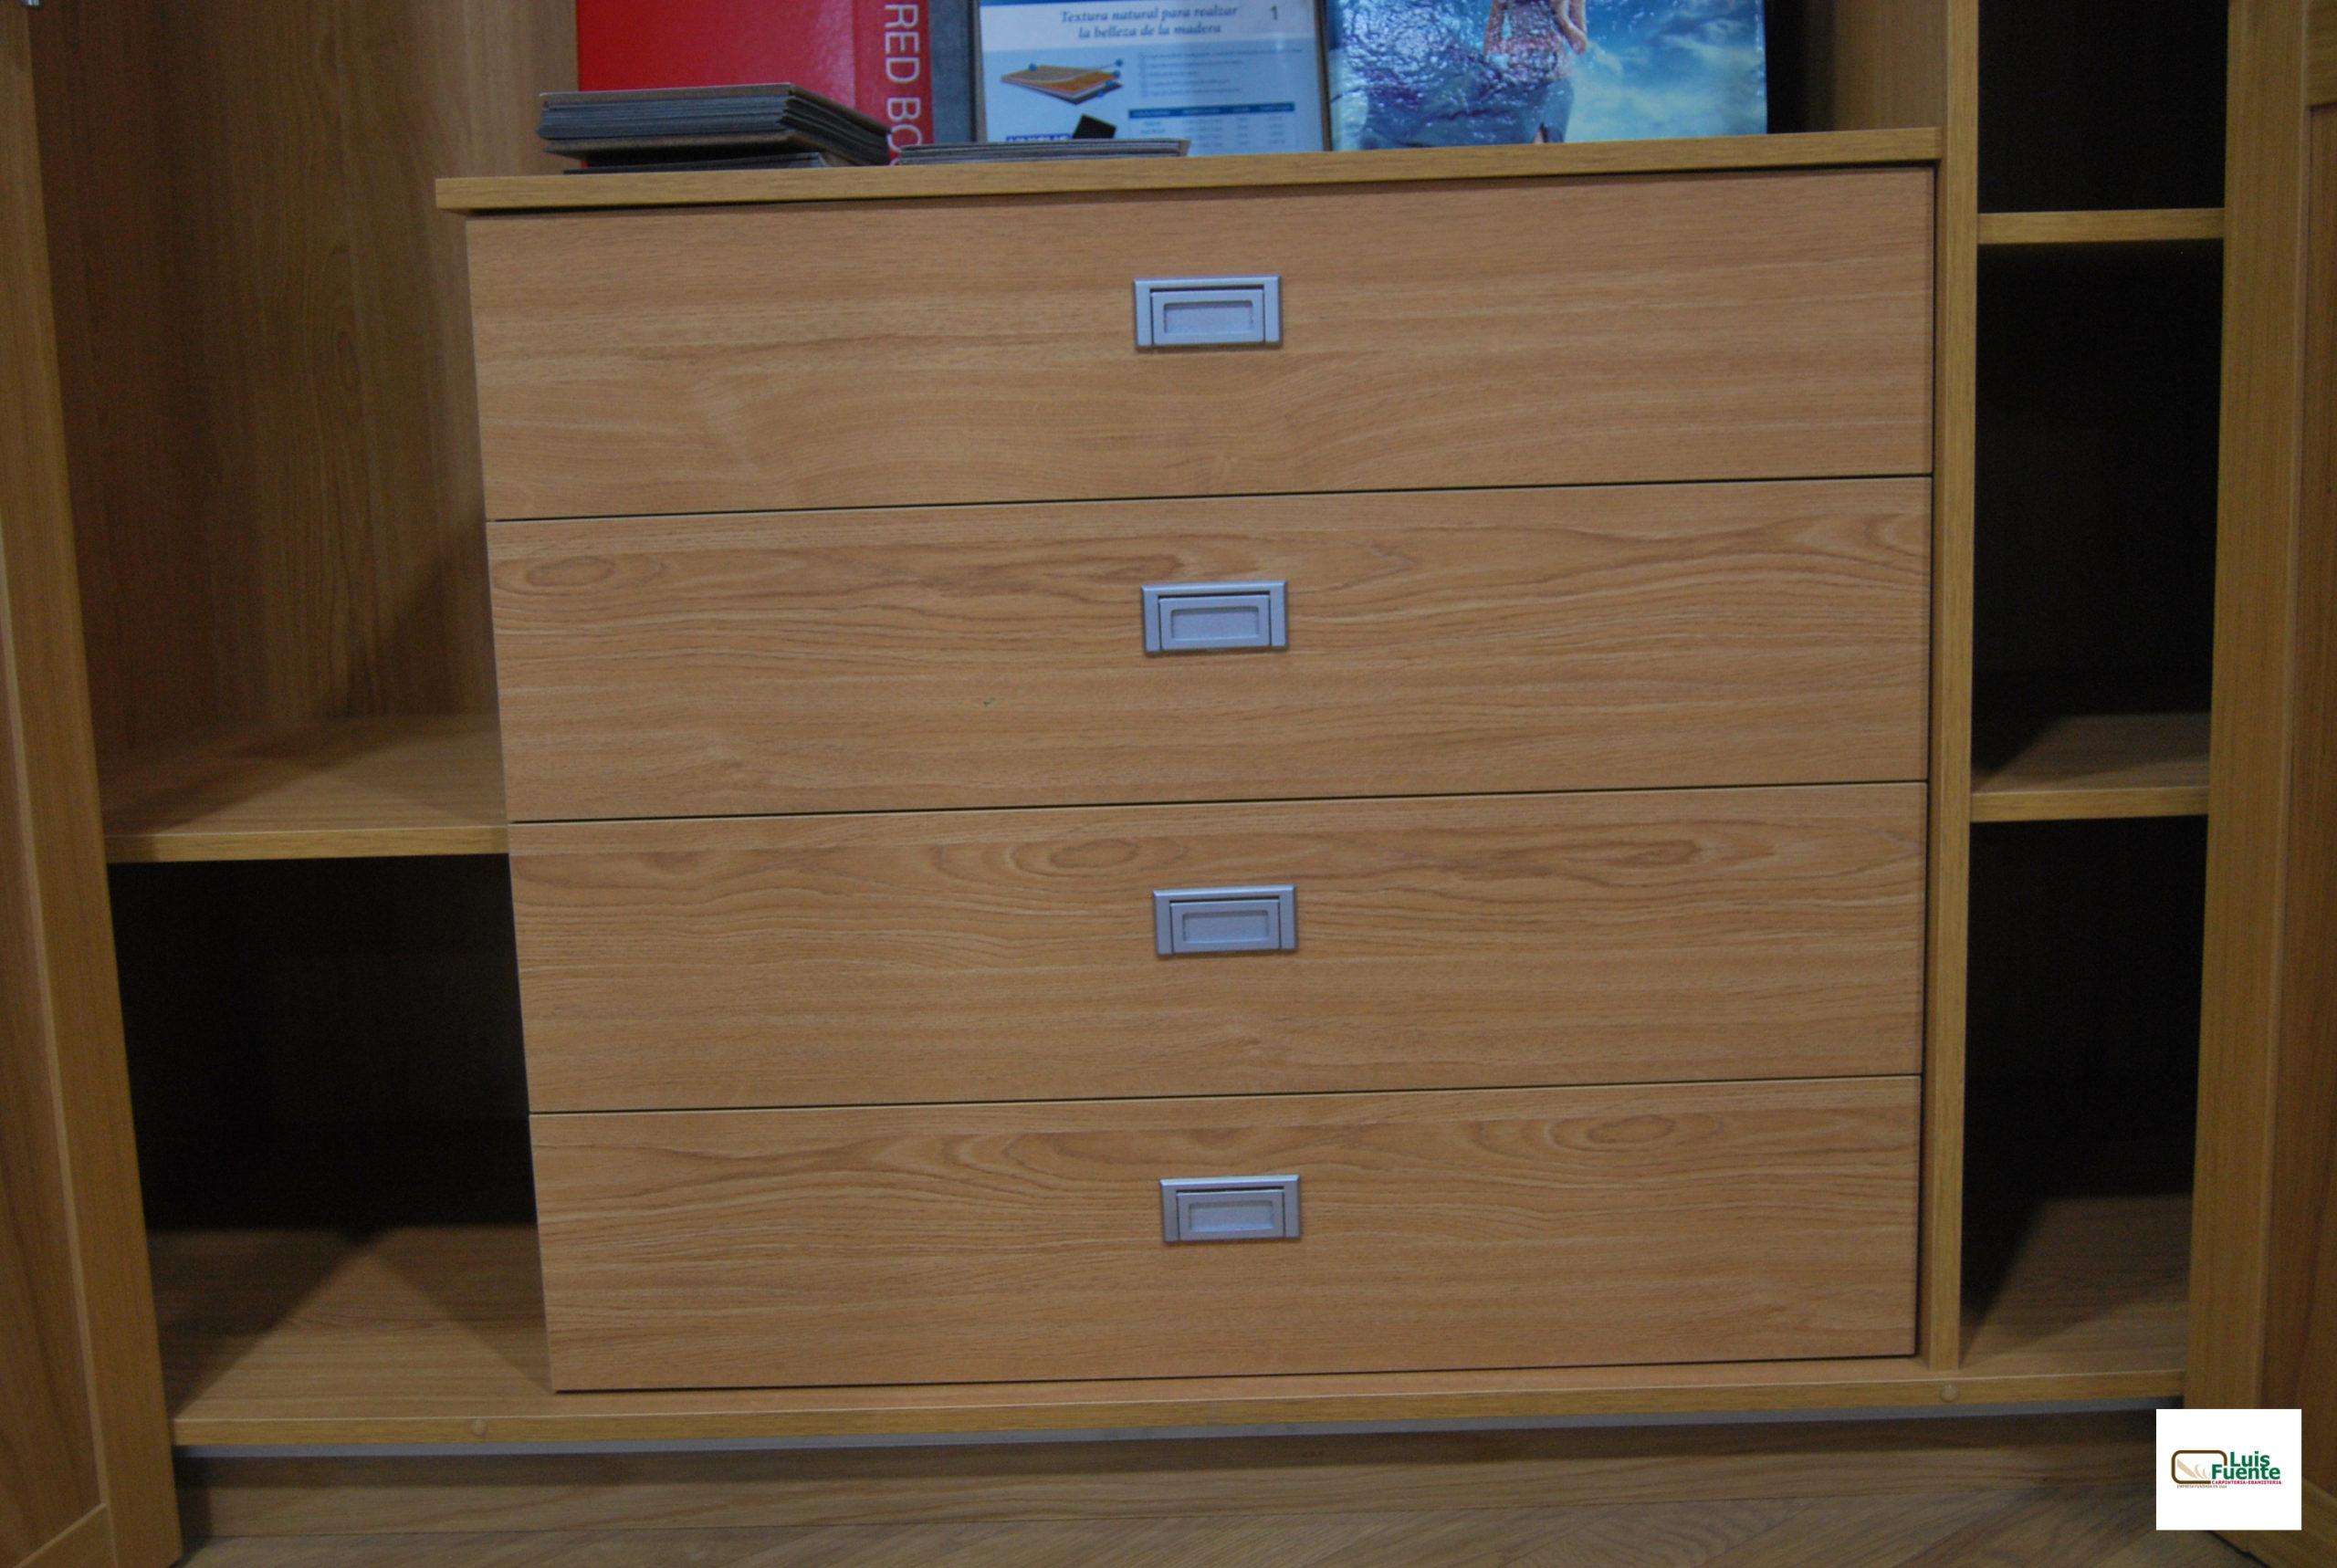 armarios-de-madera-carpinteria-luis-fuente-burgos-muebles-calidad-modernos-españa-productos-premium